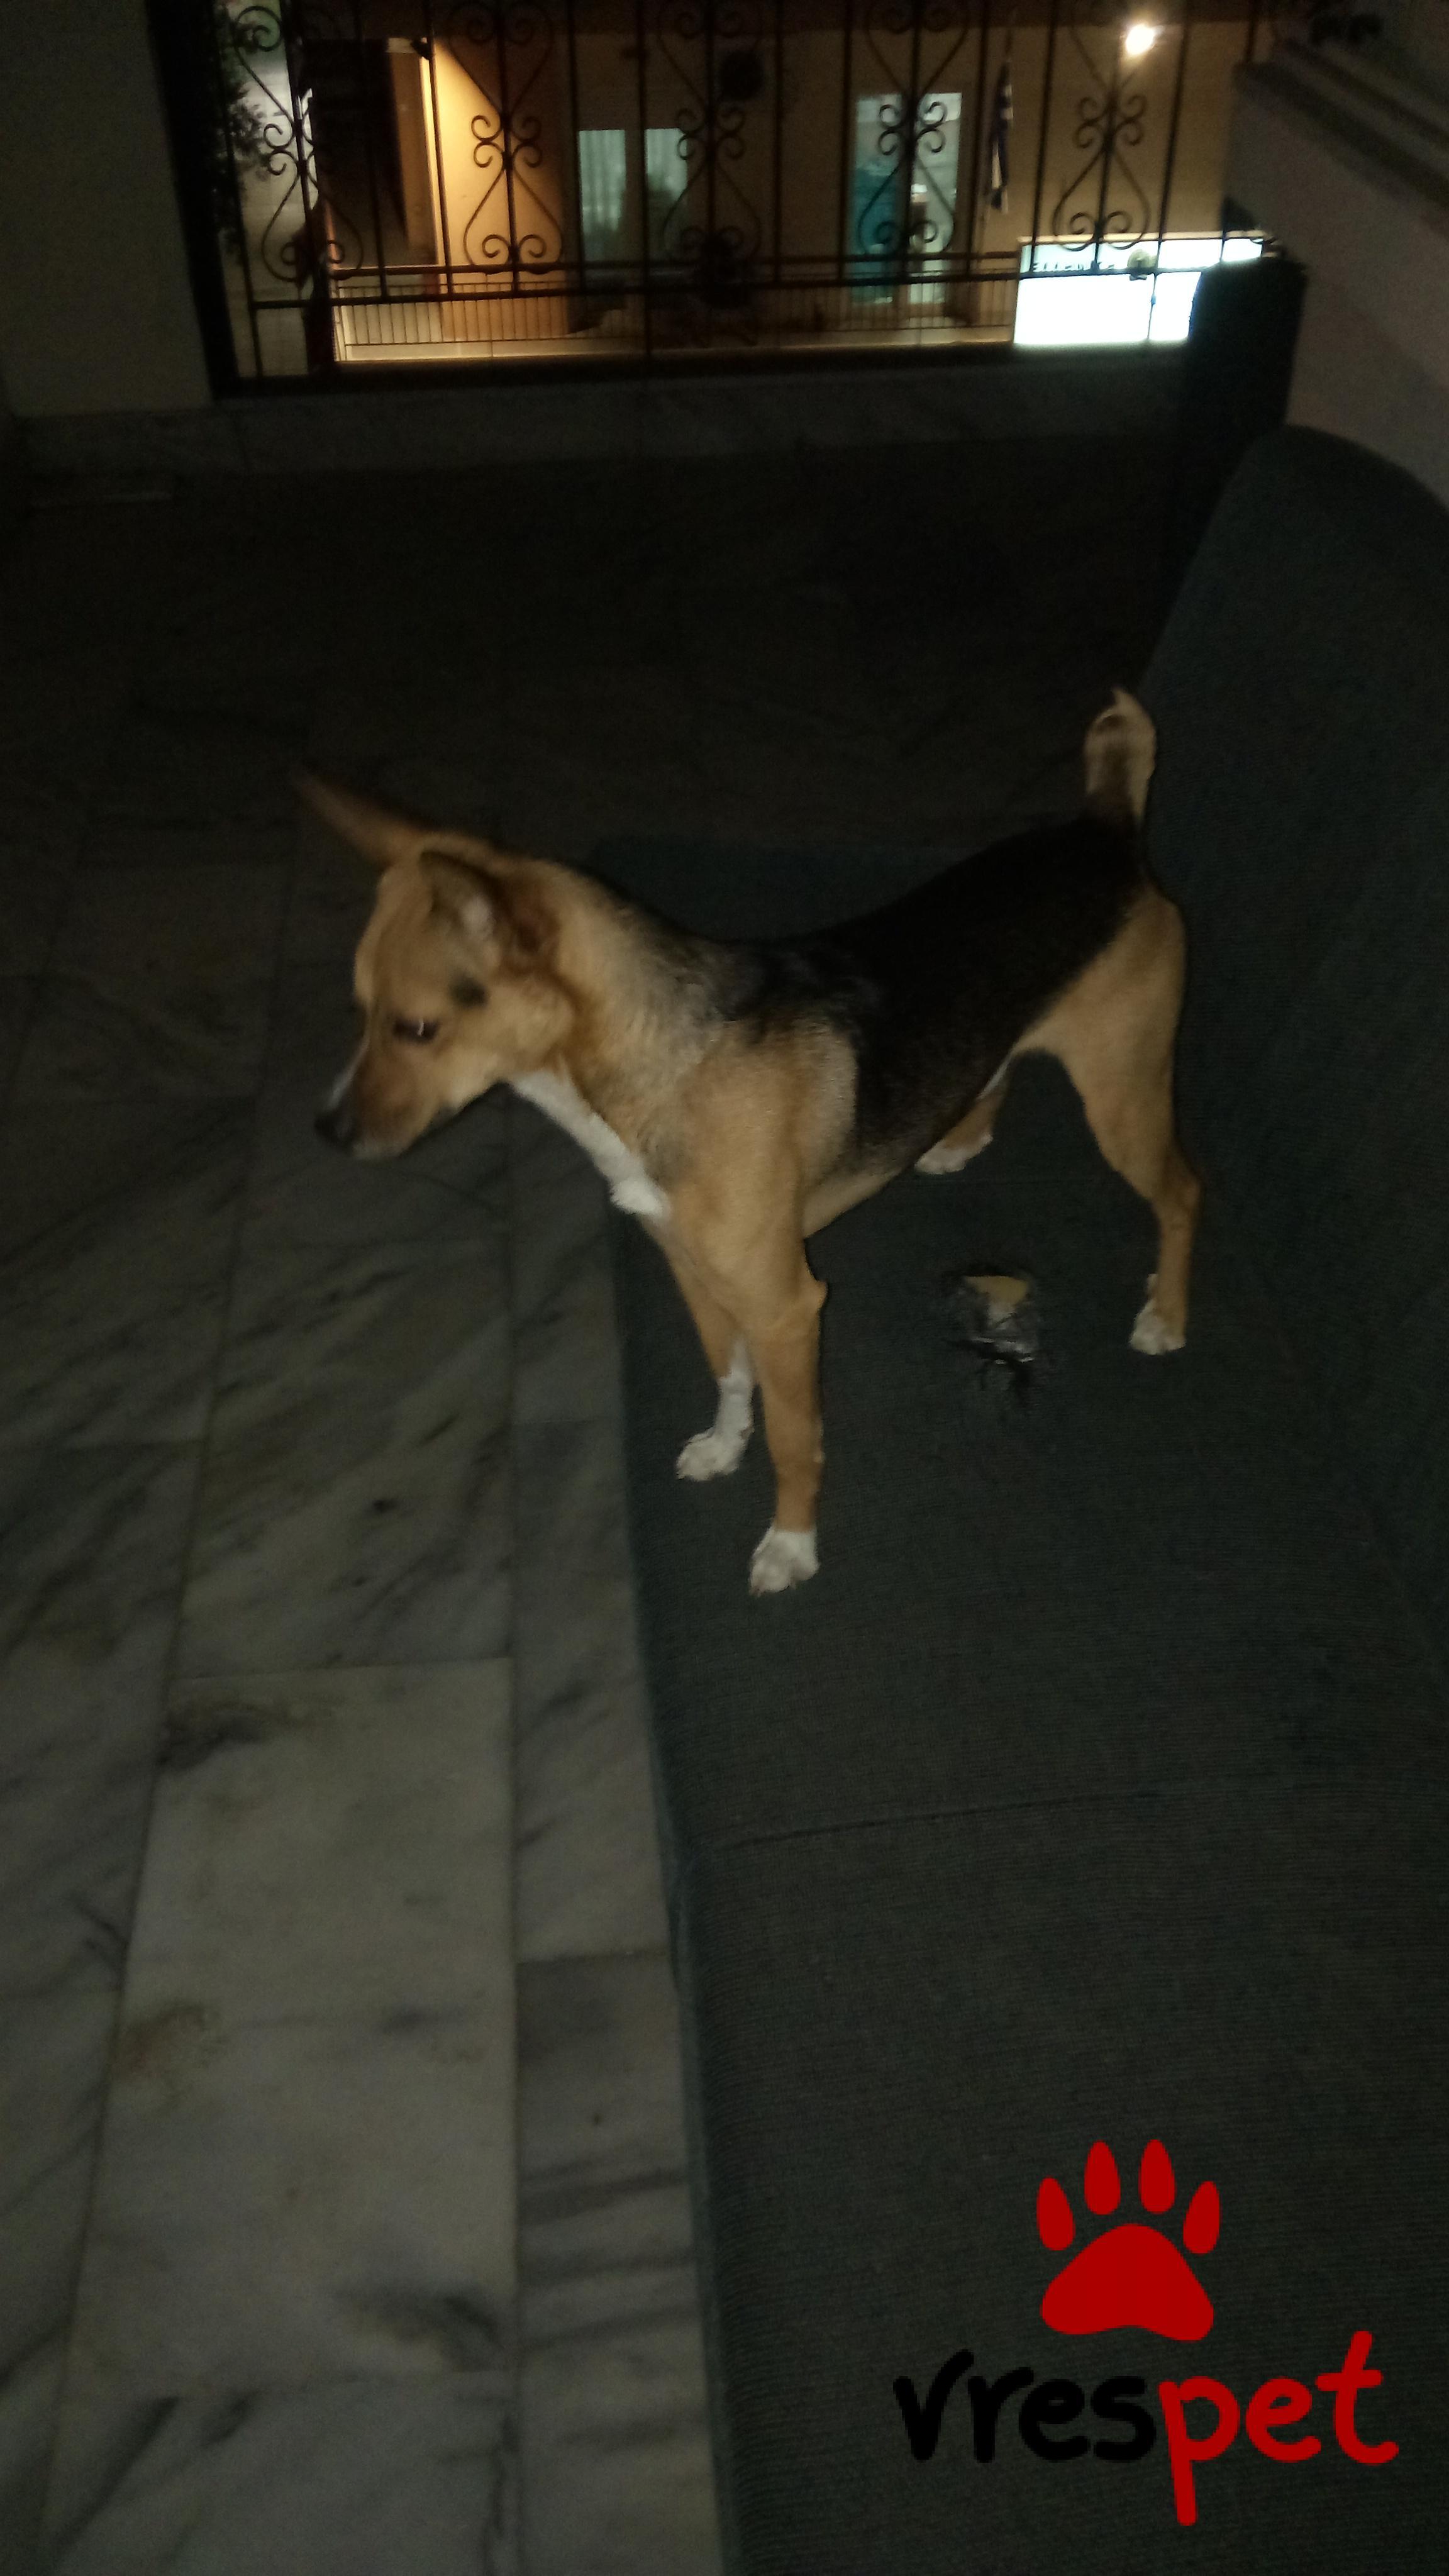 2a36a95b4046 Χαρίζεται! Αγγελία για σκύλο. Άγνωστο - Ημίαιμο Ημίαιμο. Ελευθέριο  Κορδελιό